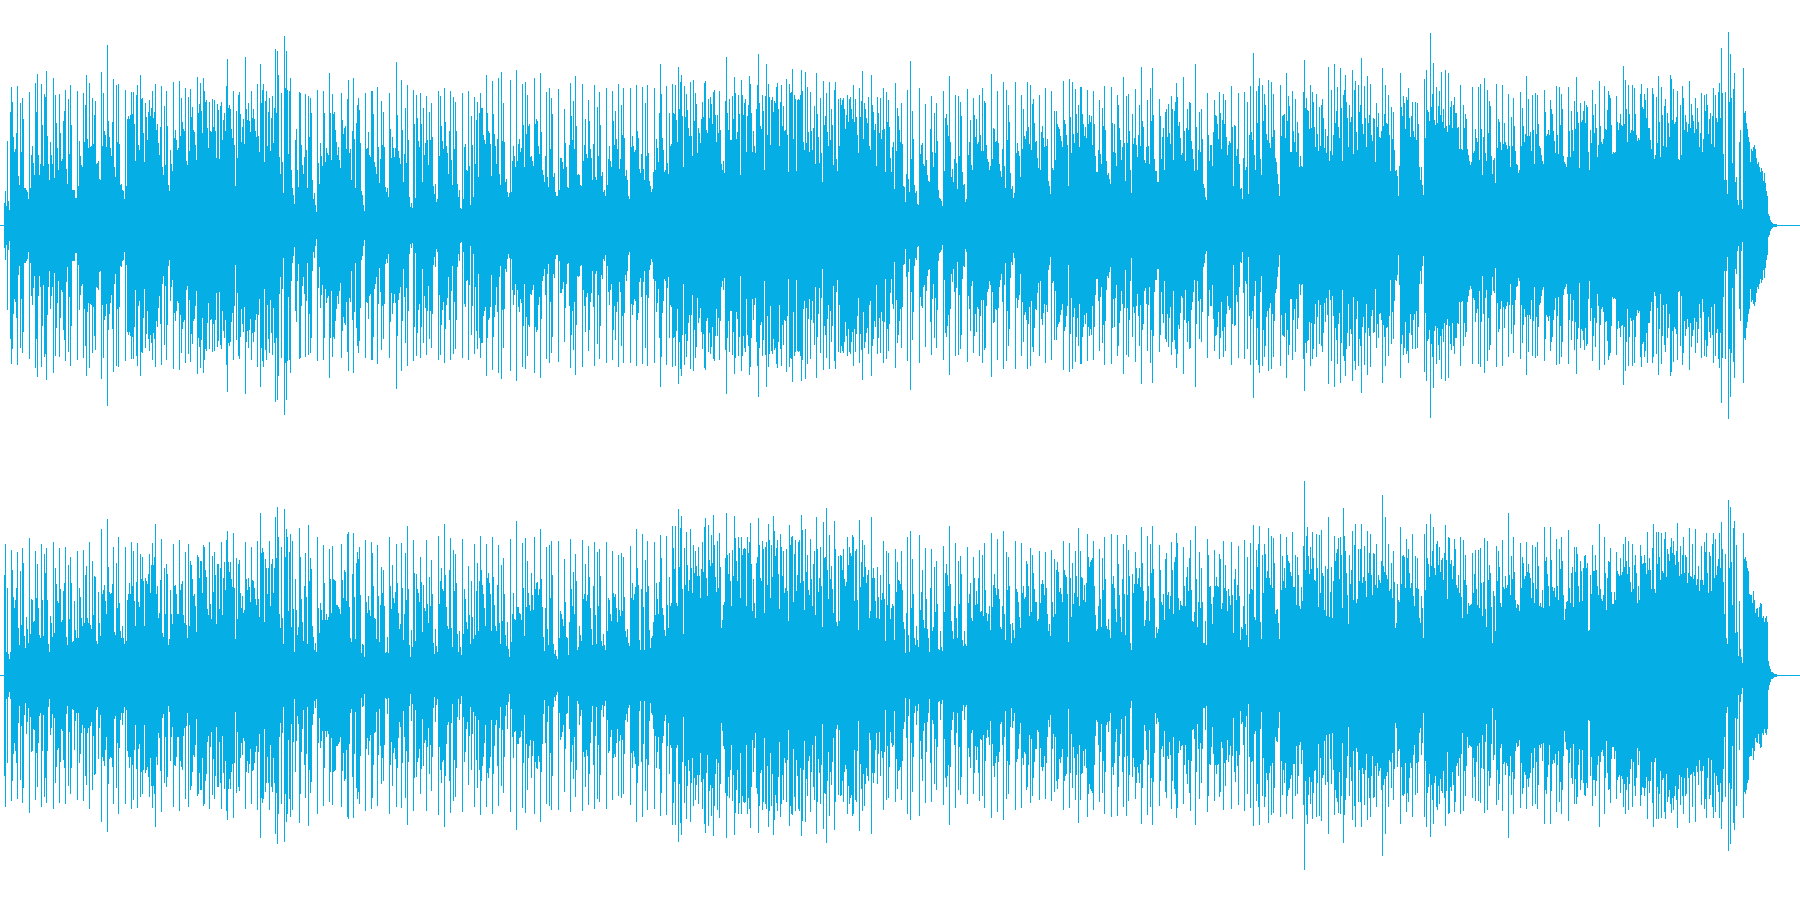 明るく爽やかなギターシンセサウンドの再生済みの波形